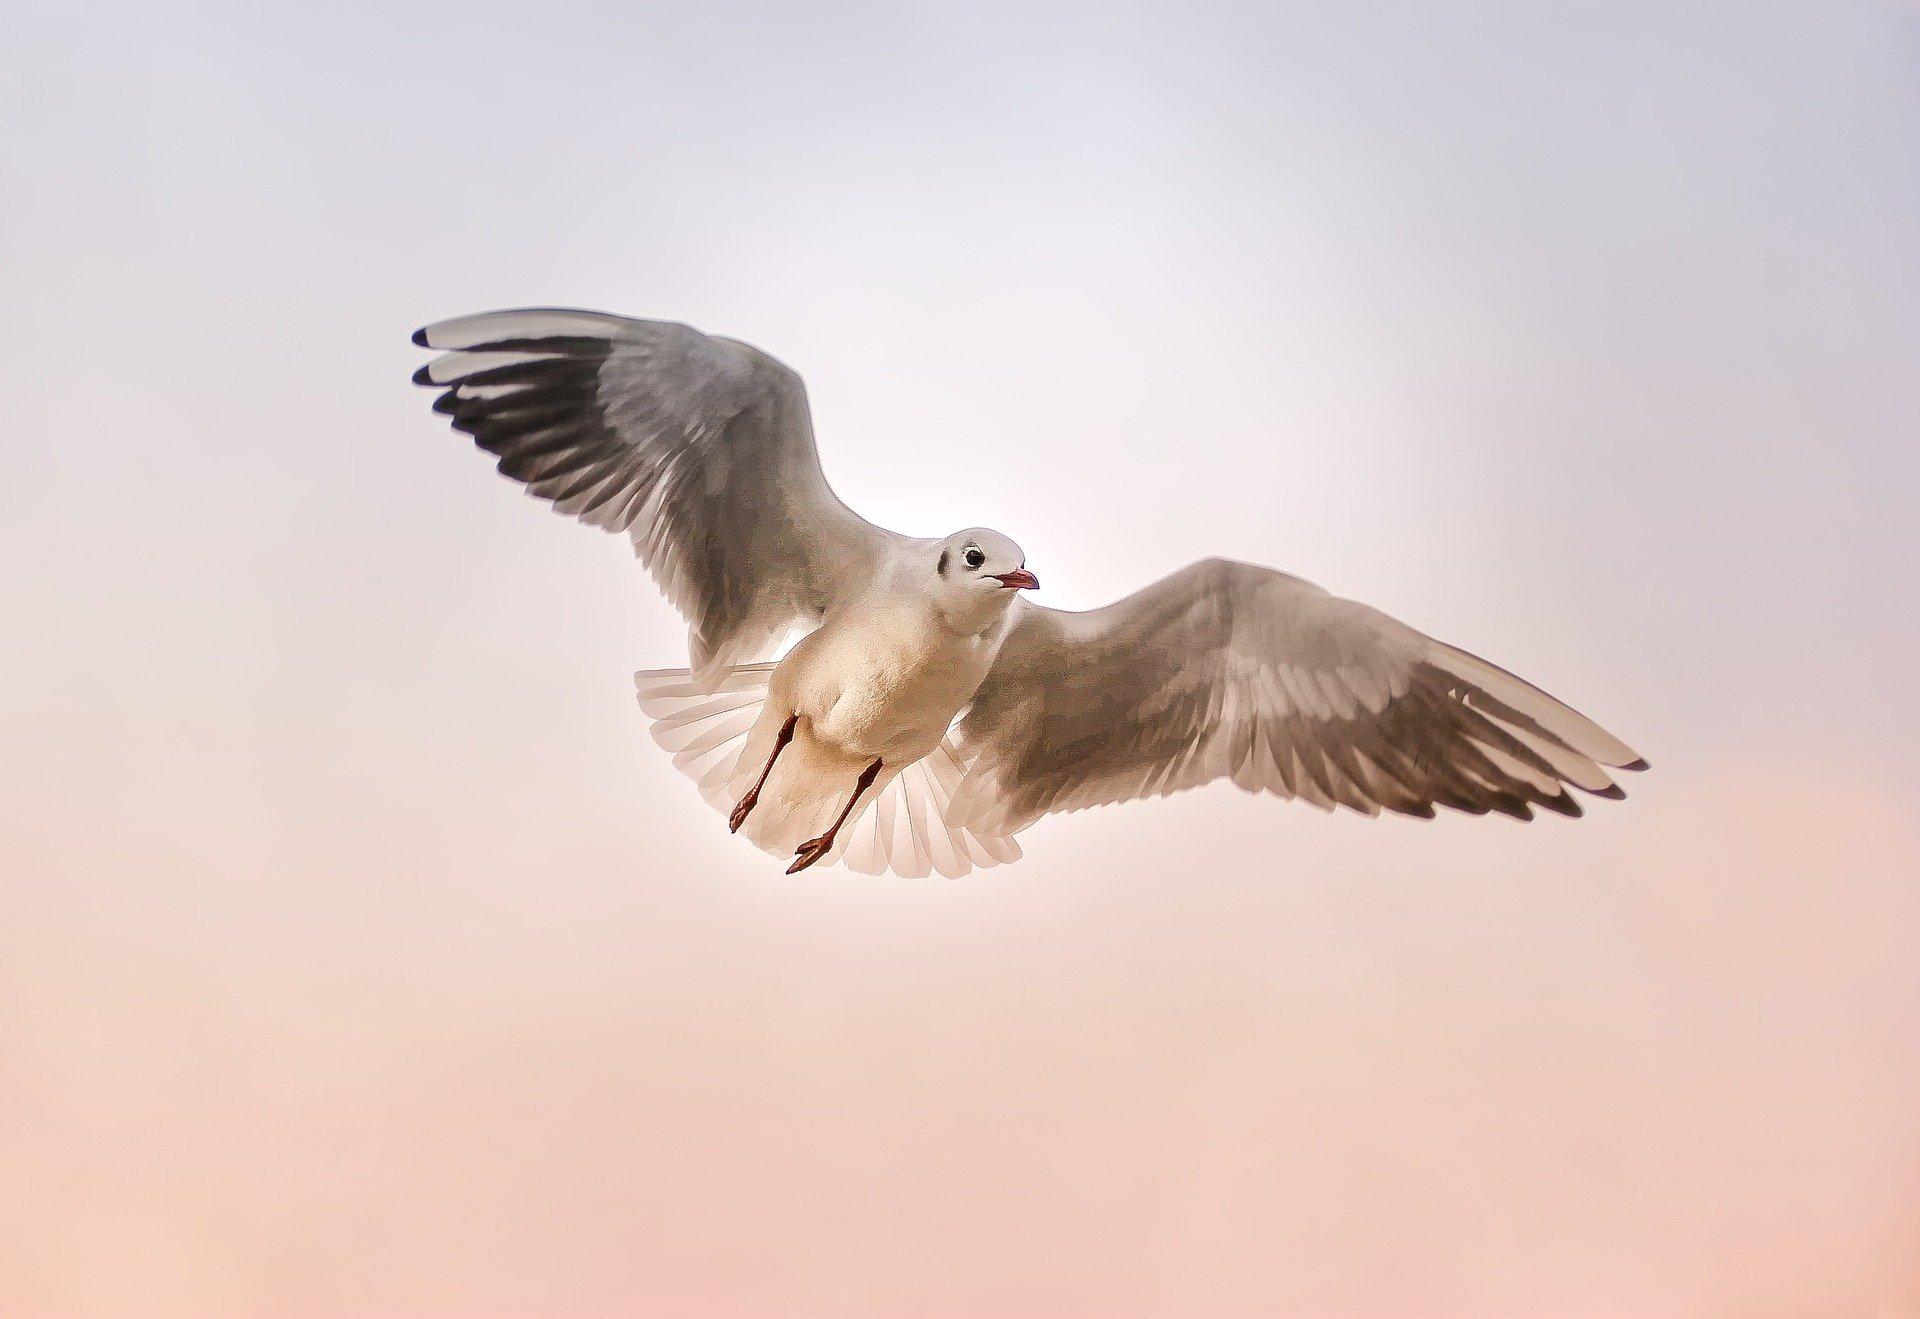 Vögelst du noch, oder fliegst du schon?